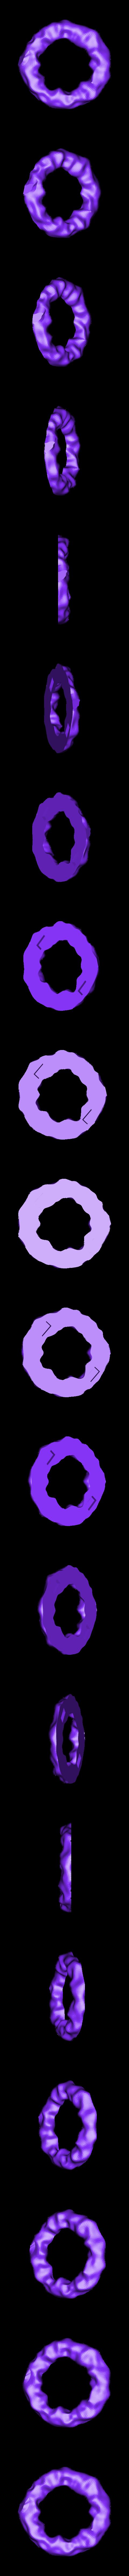 ring3_top.stl Télécharger fichier STL gratuit La Chenille • Modèle pour imprimante 3D, reddadsteve